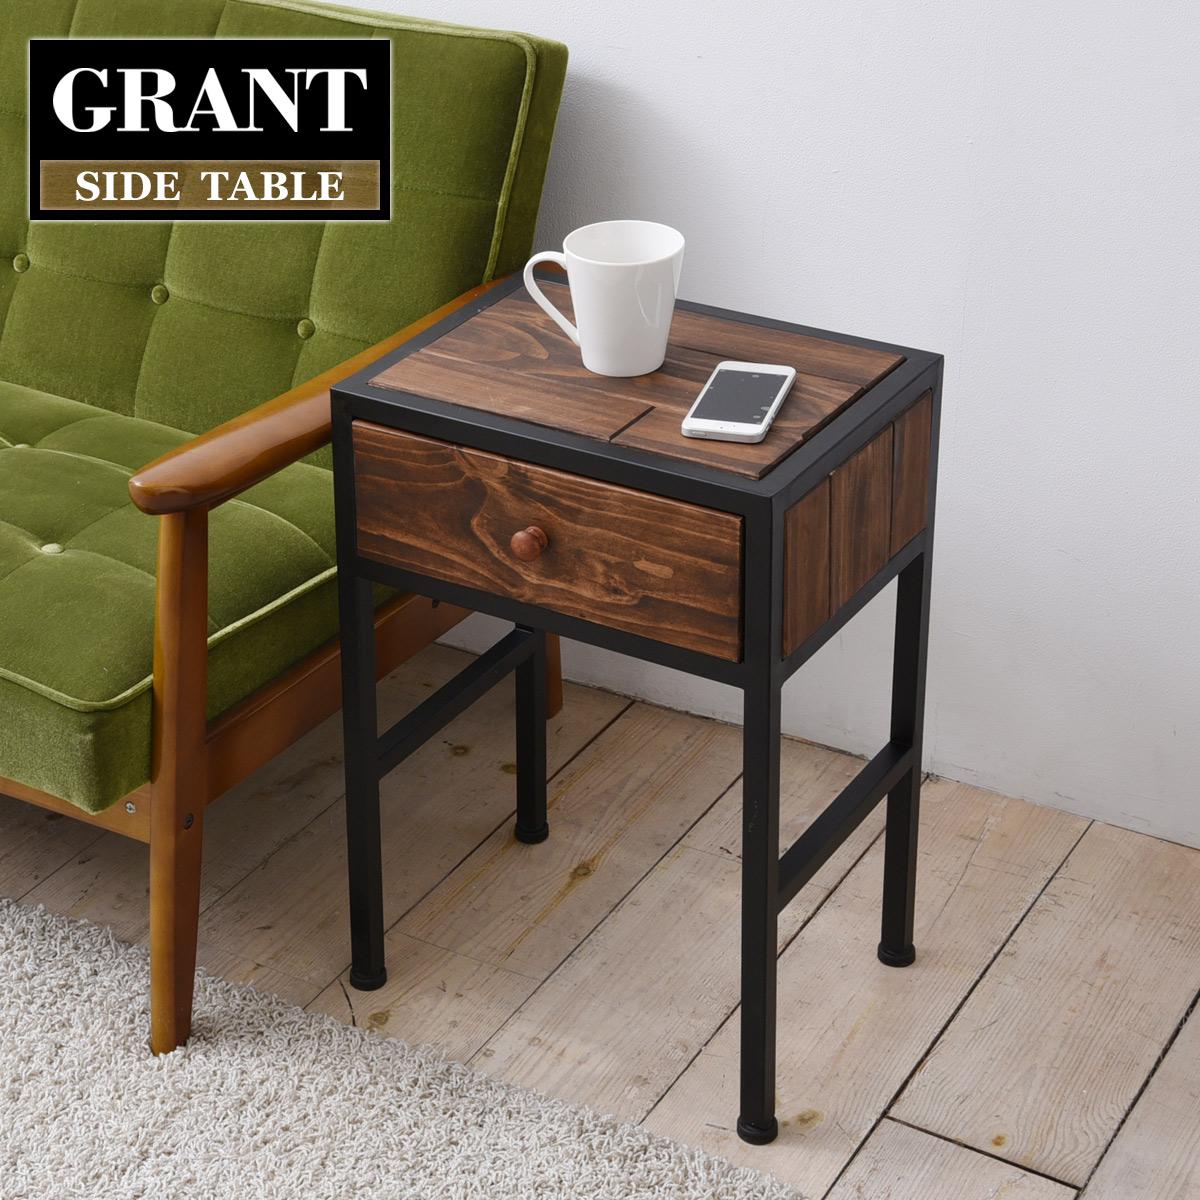 サイドテーブル 天然木 北欧 木製 テーブル ナイトテーブル ベッドテーブル ソファーテーブル アイアン おしゃれ オイル アンティーク 植物性オイル 塗装 モダン スタイリッシュ ナチュラル